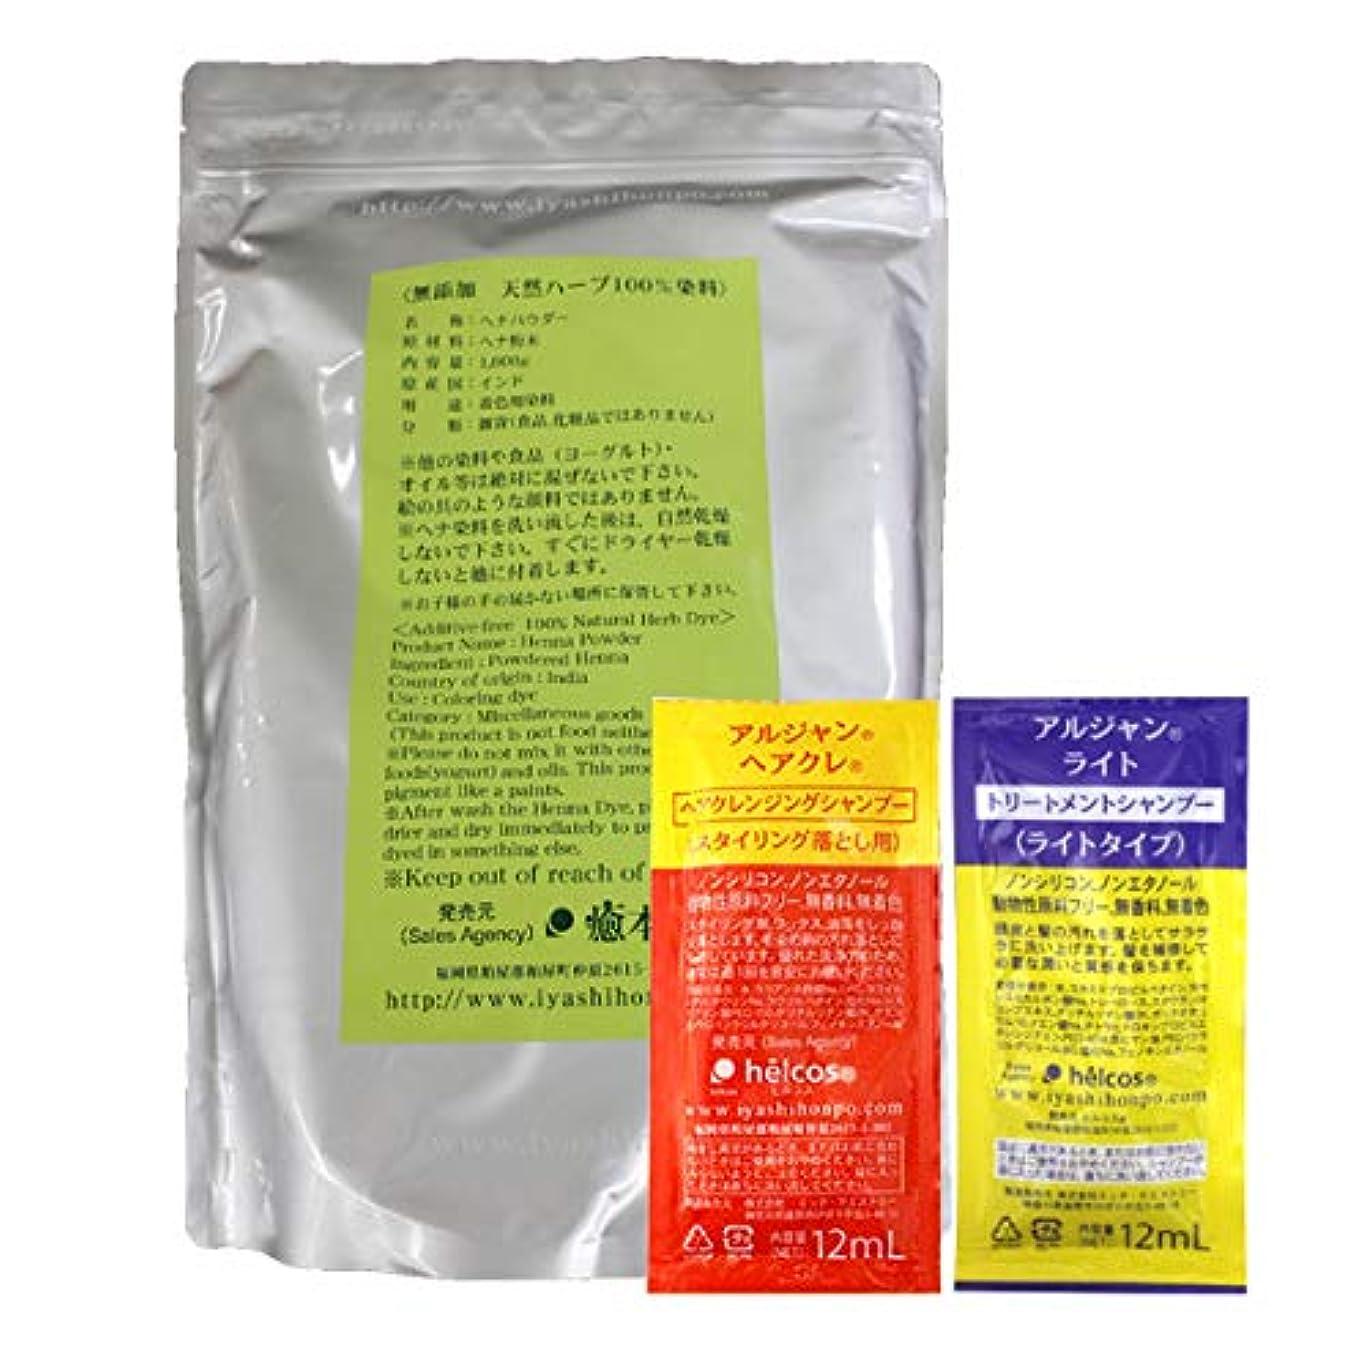 タイプライター定数テクニカル白髪染め ヘナ(天然染料100%) 1,000g + シャンプー2種セット 癒本舗(ブラウン)